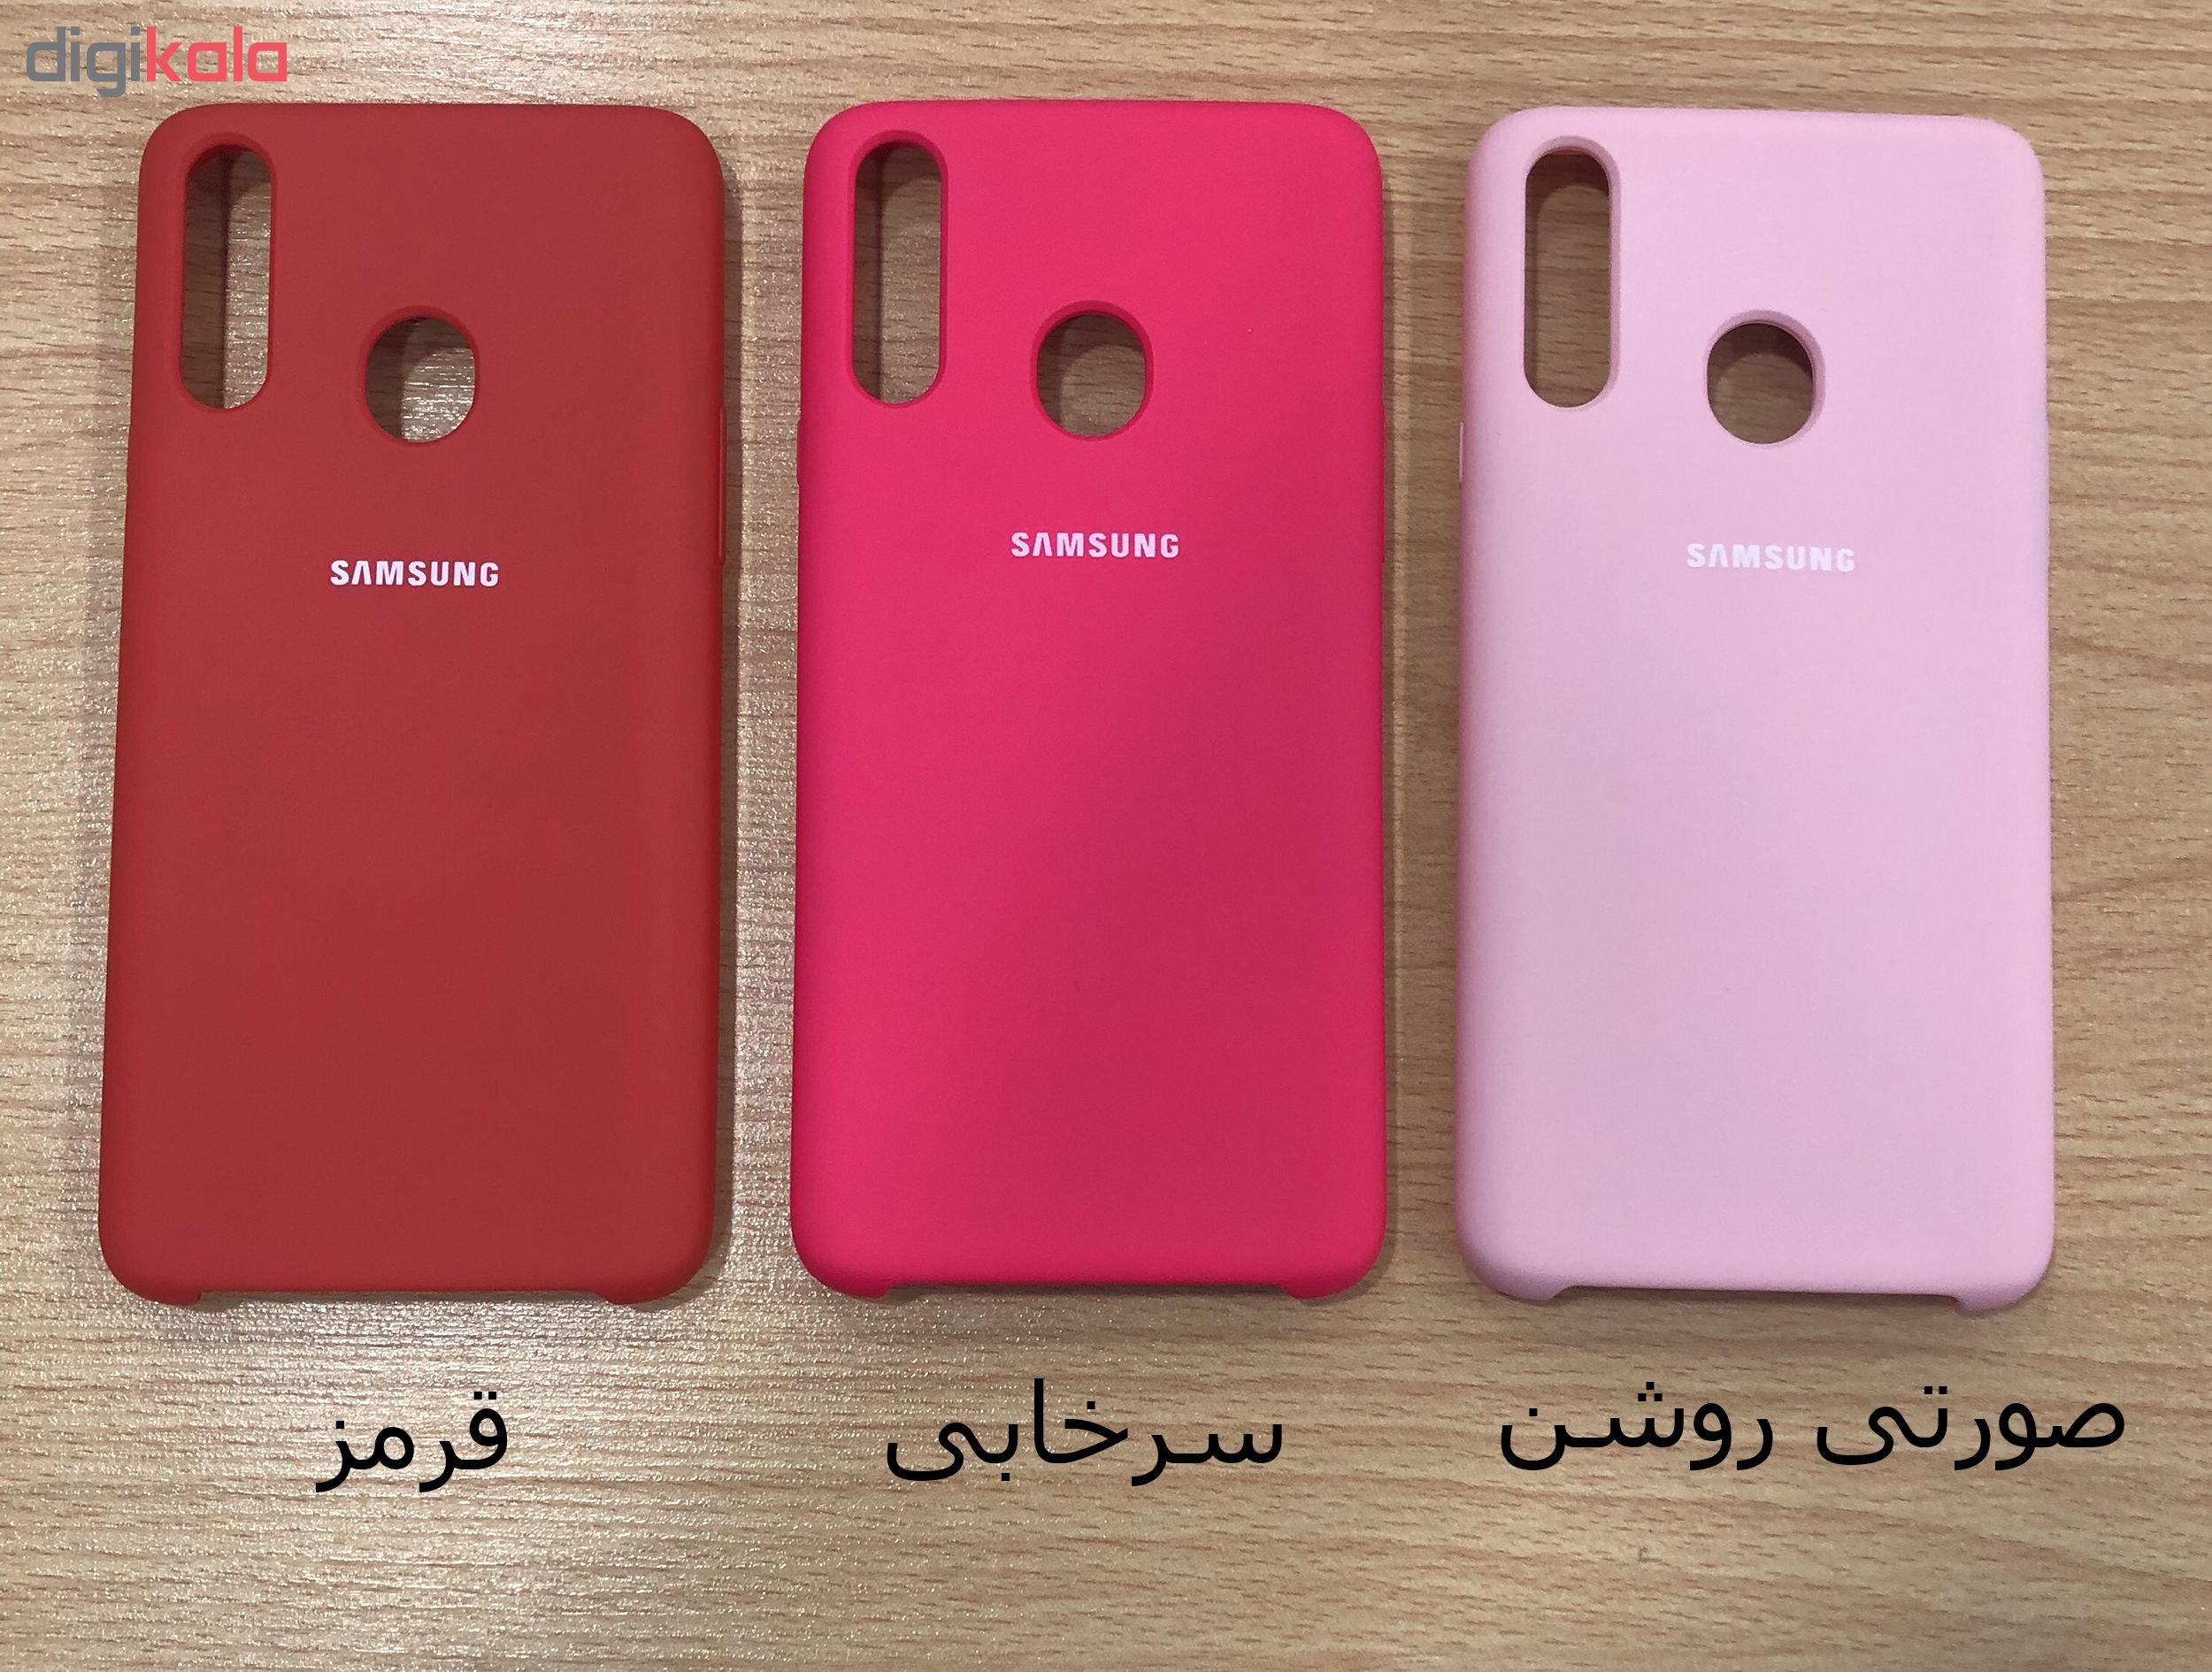 کاور مدل SIL-001 مناسب برای گوشی موبایل سامسونگ Galaxy A20s              ( قیمت و خرید)